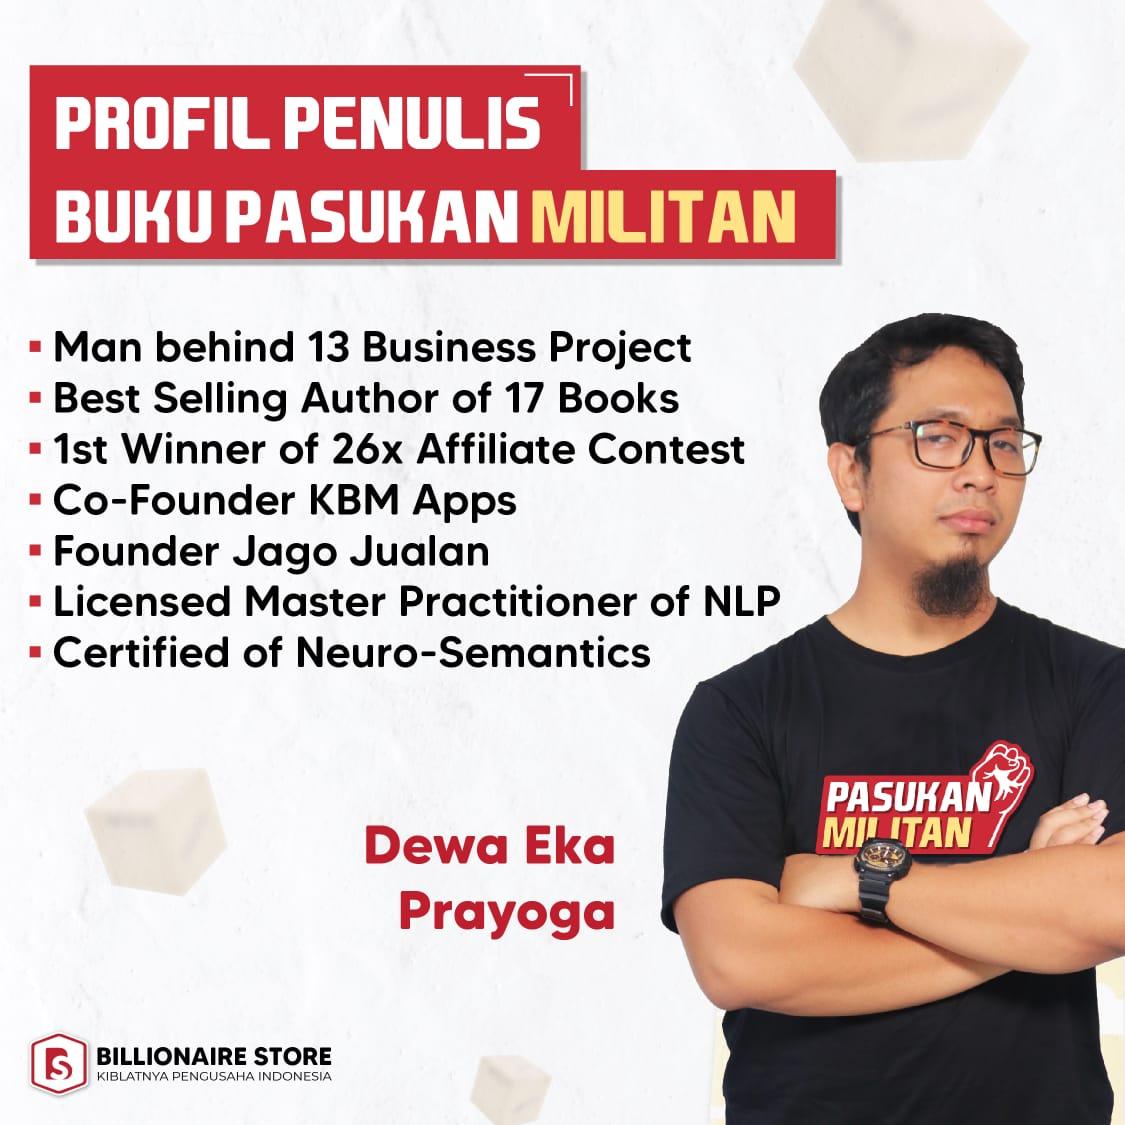 Profil Penulis Buku Pasukan Militan